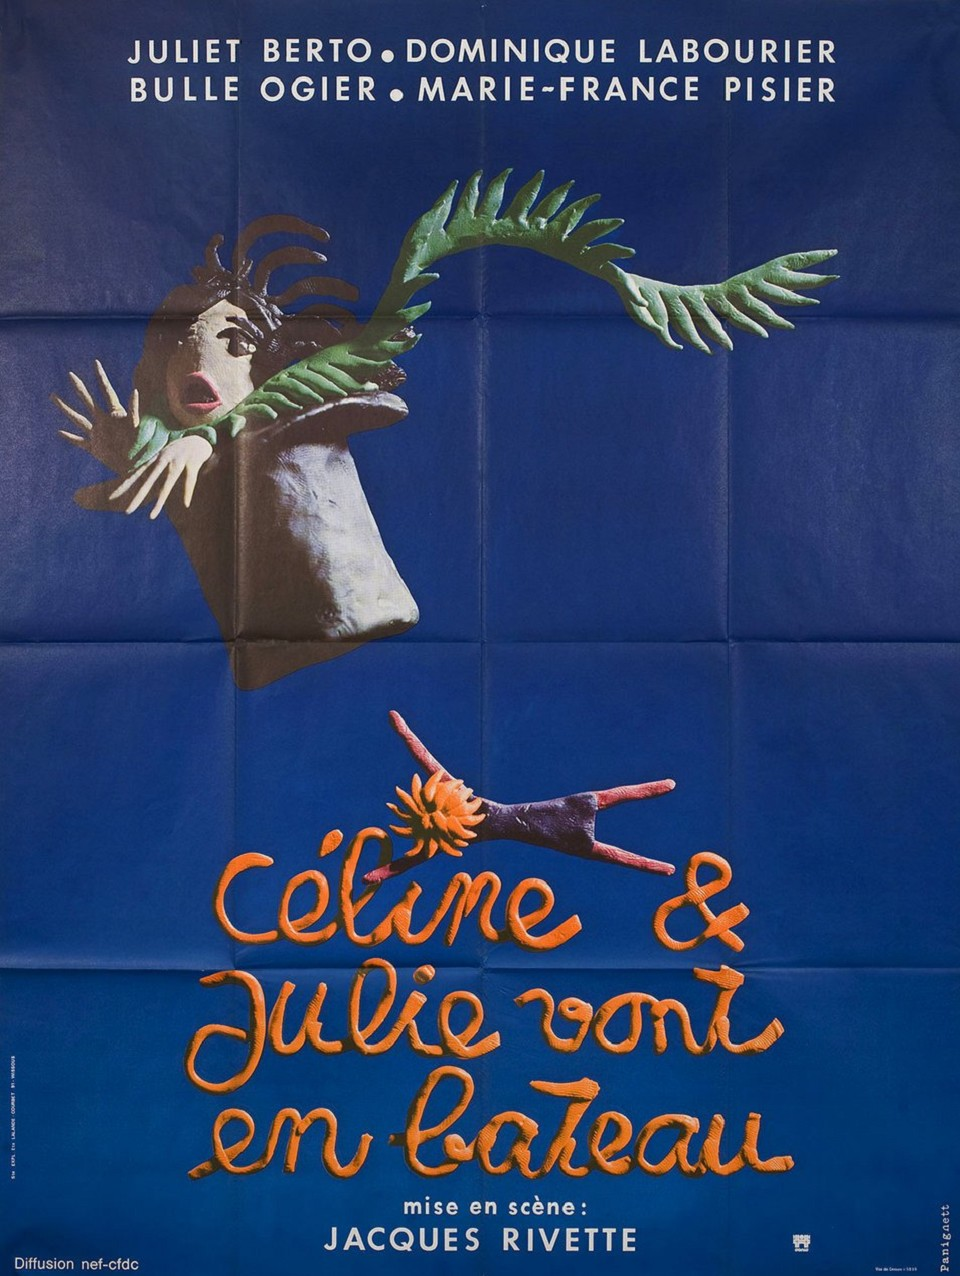 CELINE AND JULIE GO BOATING  [Céline et Julie vont en bateau]